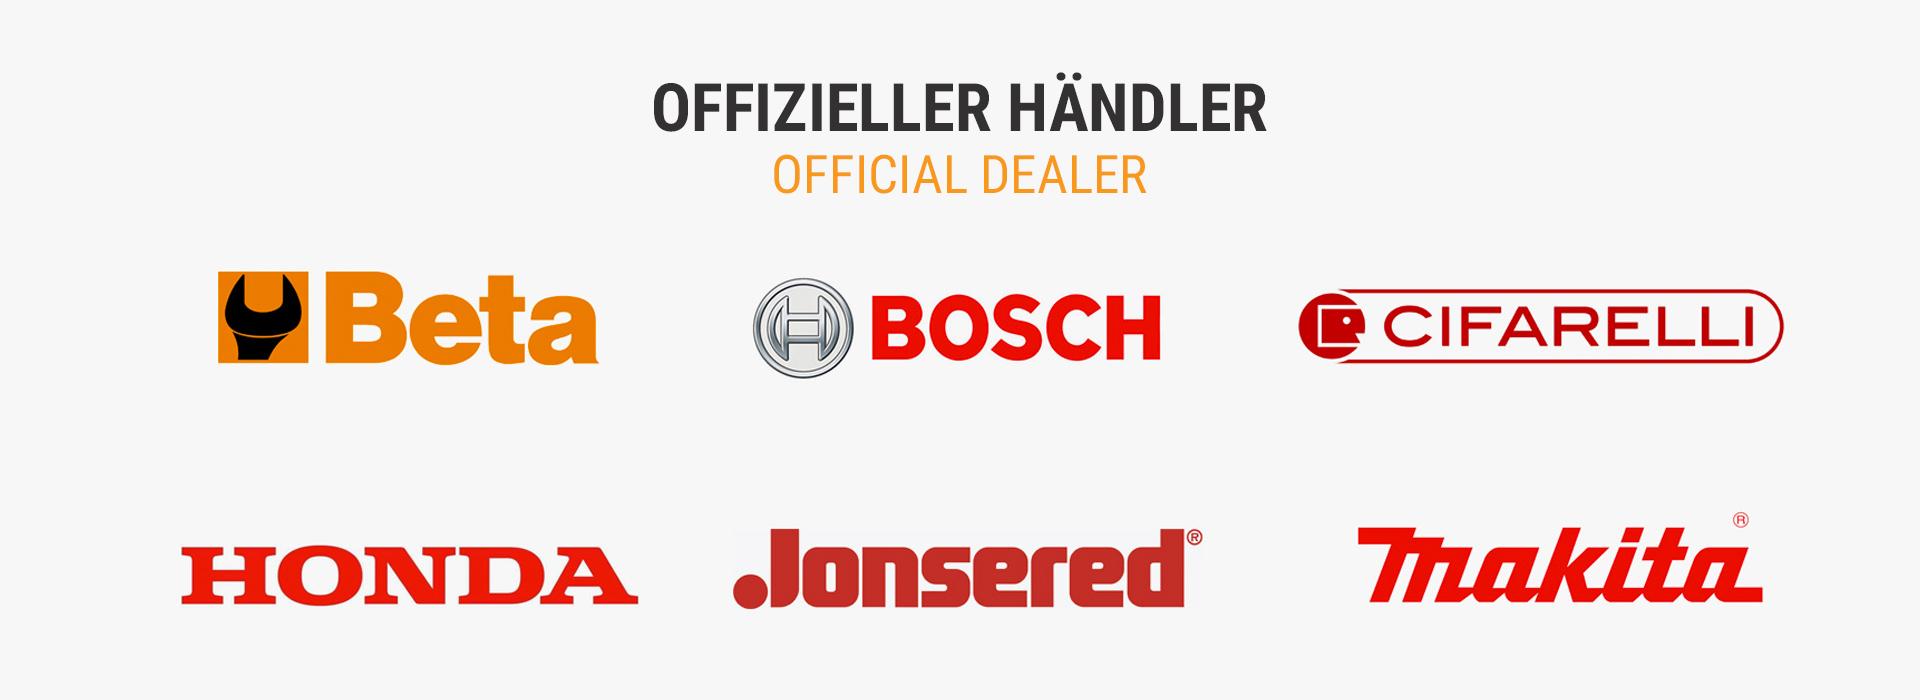 Offizieller Händler